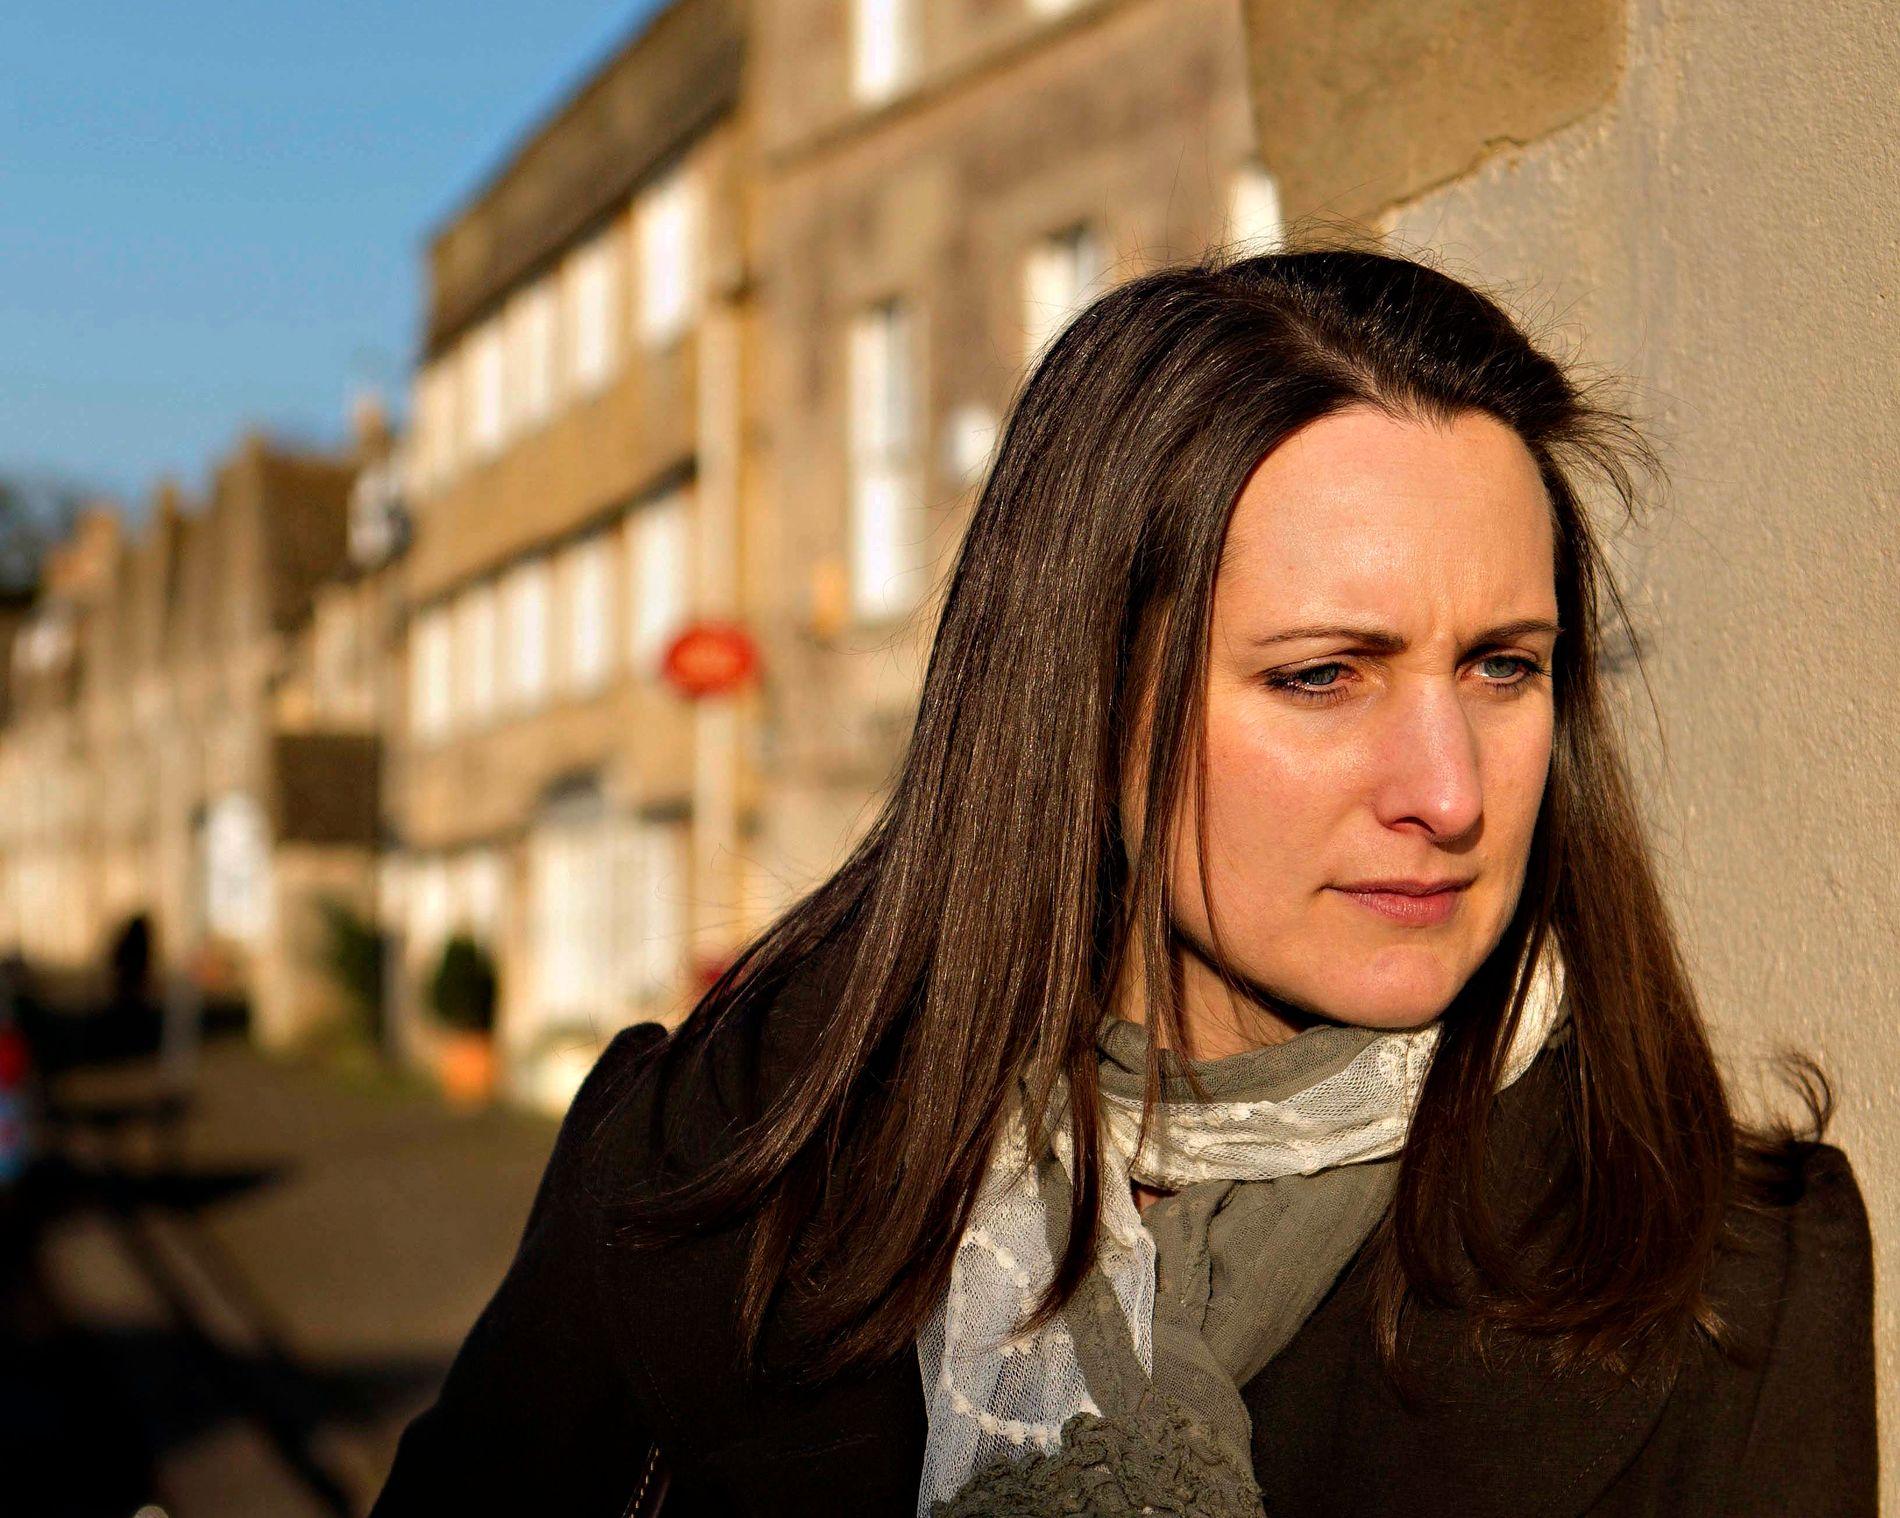 POPULÆR: Katherine Webb er en av de mest populære forfatterne i Norge. Nå får god omtale for sin ferske bok «Den engelske piken». Her er hun i sentrum av Corsham i England der hun bor.